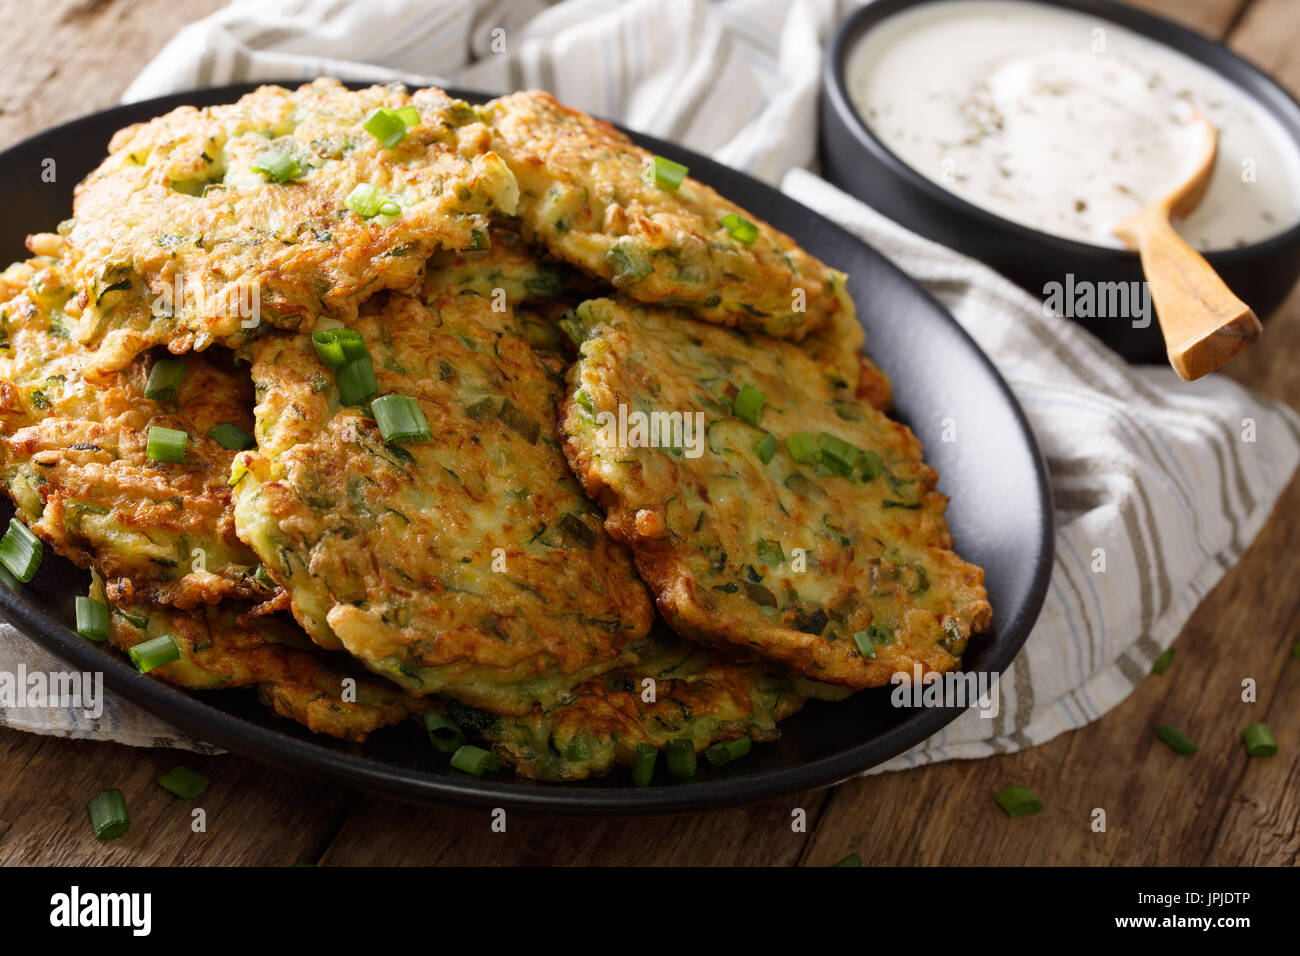 Tortitas de calabacín recién cocinados con crema agria de cerca en la tabla horizontal. Imagen De Stock